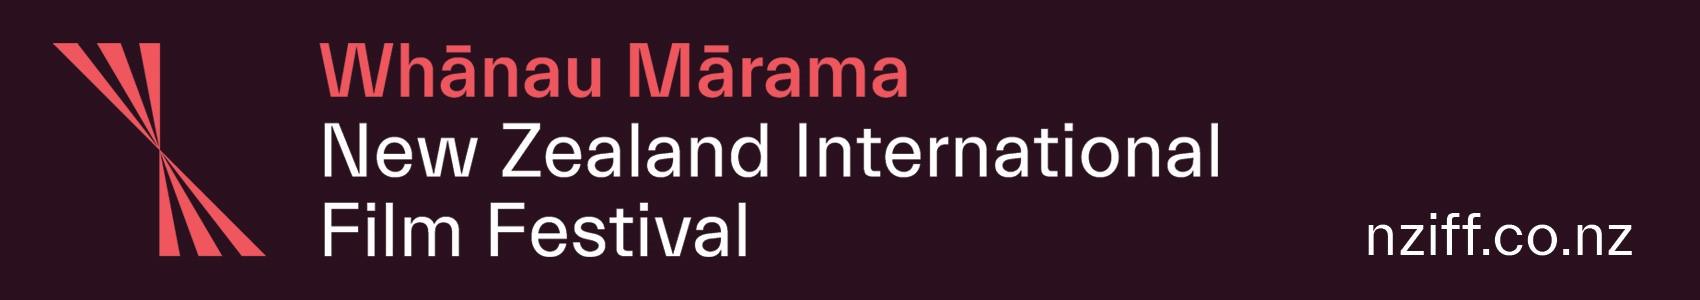 Whānau Mārama: New Zealand International Film Festival